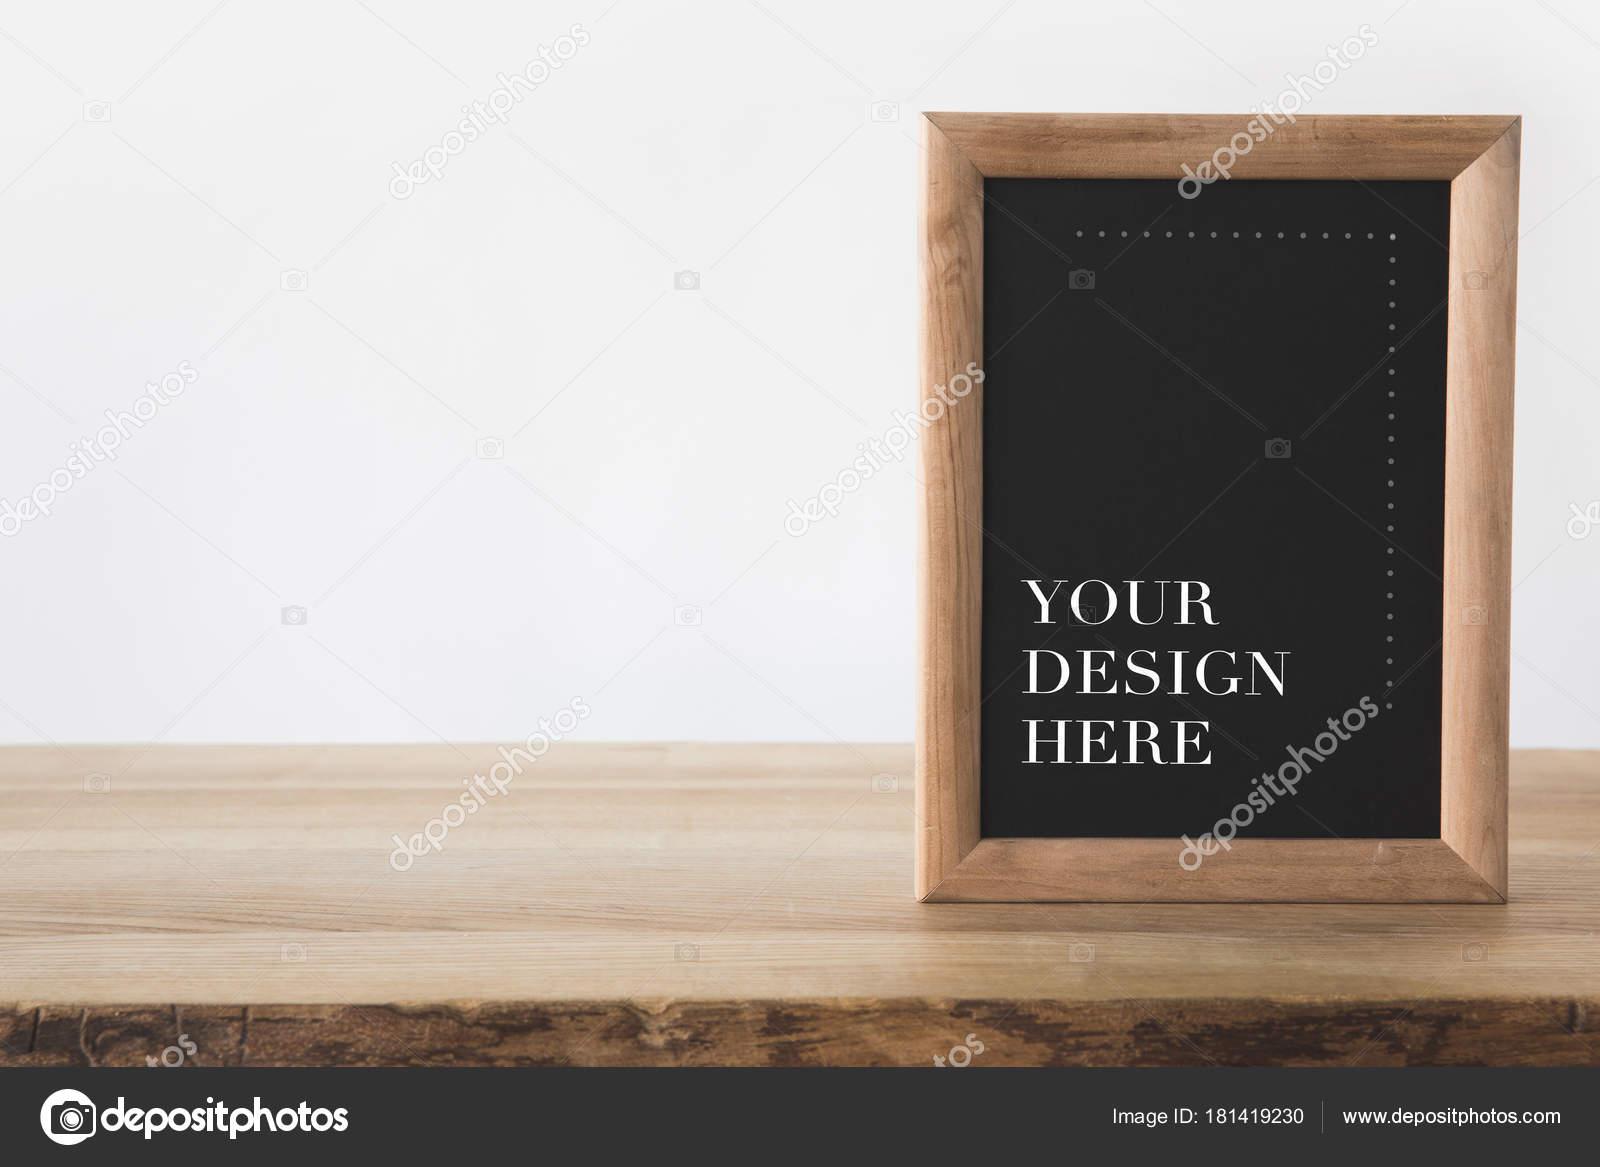 Tafel Rahmen Mit Text Ihr Design Hier Auf Weiß — Stockfoto ...